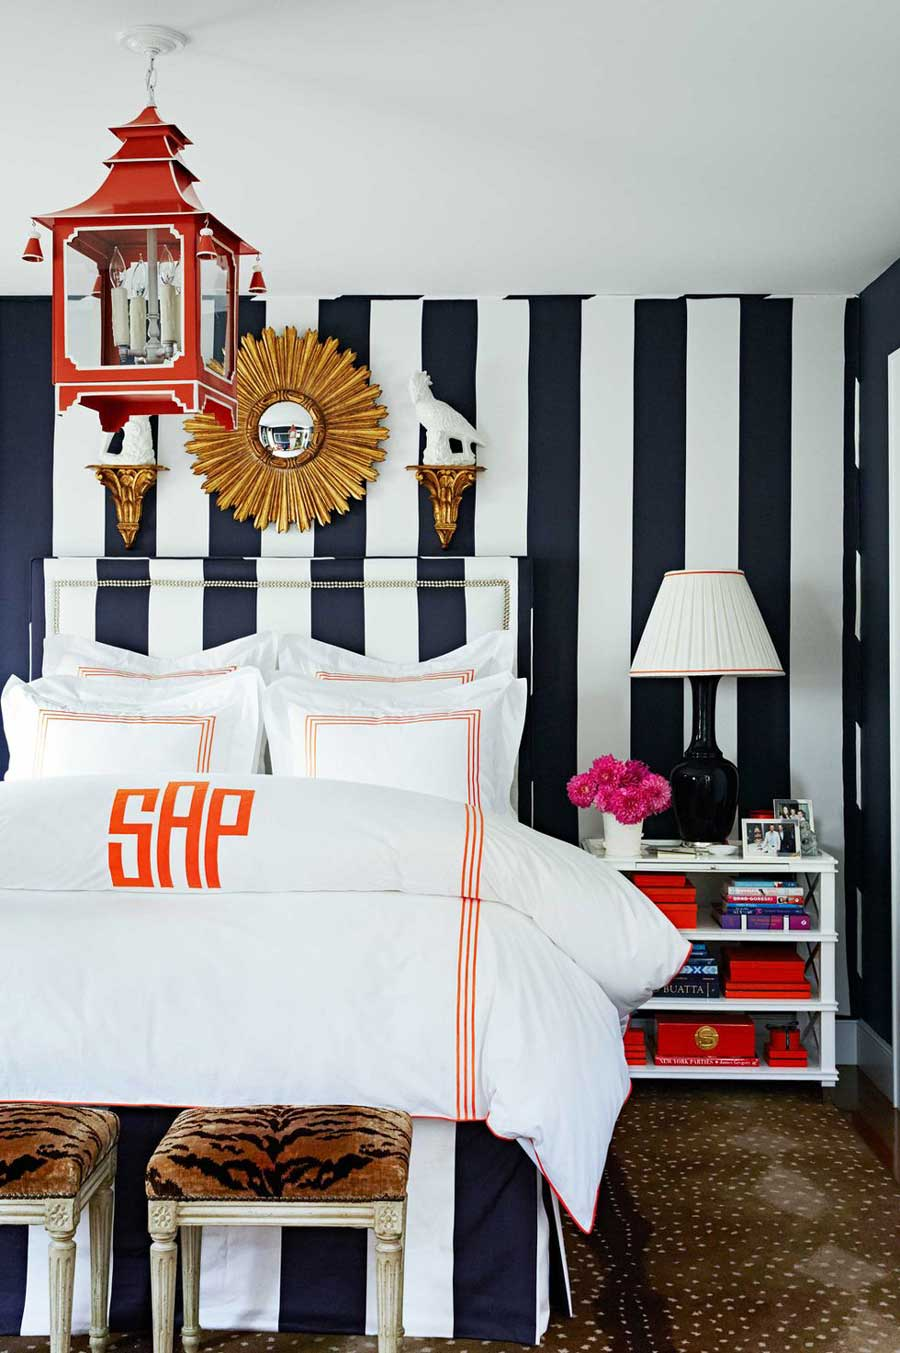 استفاده از یک پارچه برای پوشش دیوار و تاج تخت خواب پارچه ای